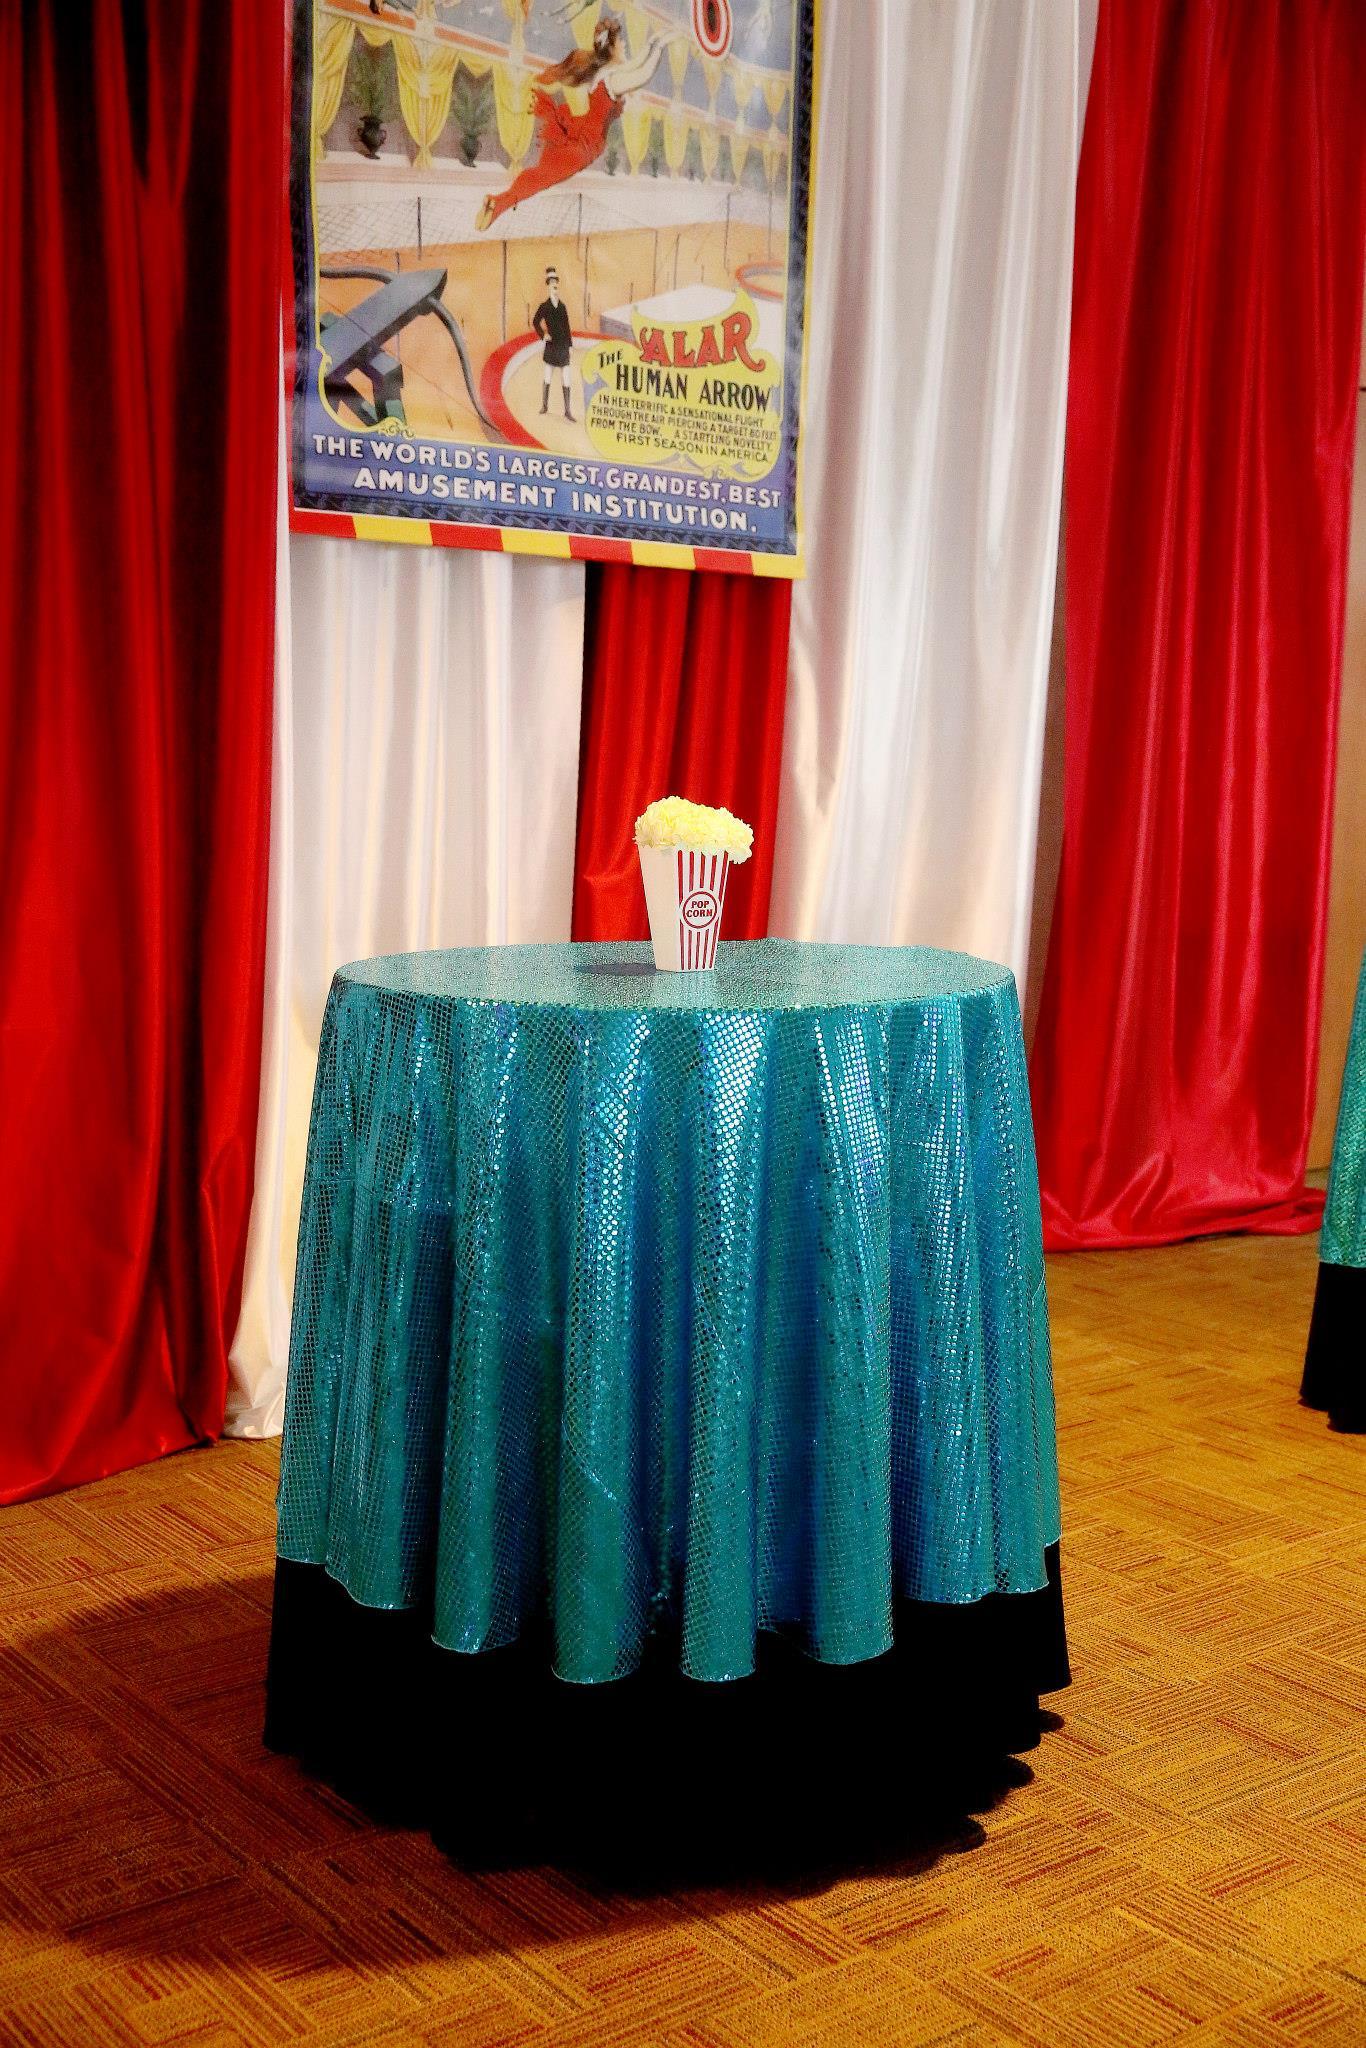 Grand Rapids, Michigan Special Events Rentals